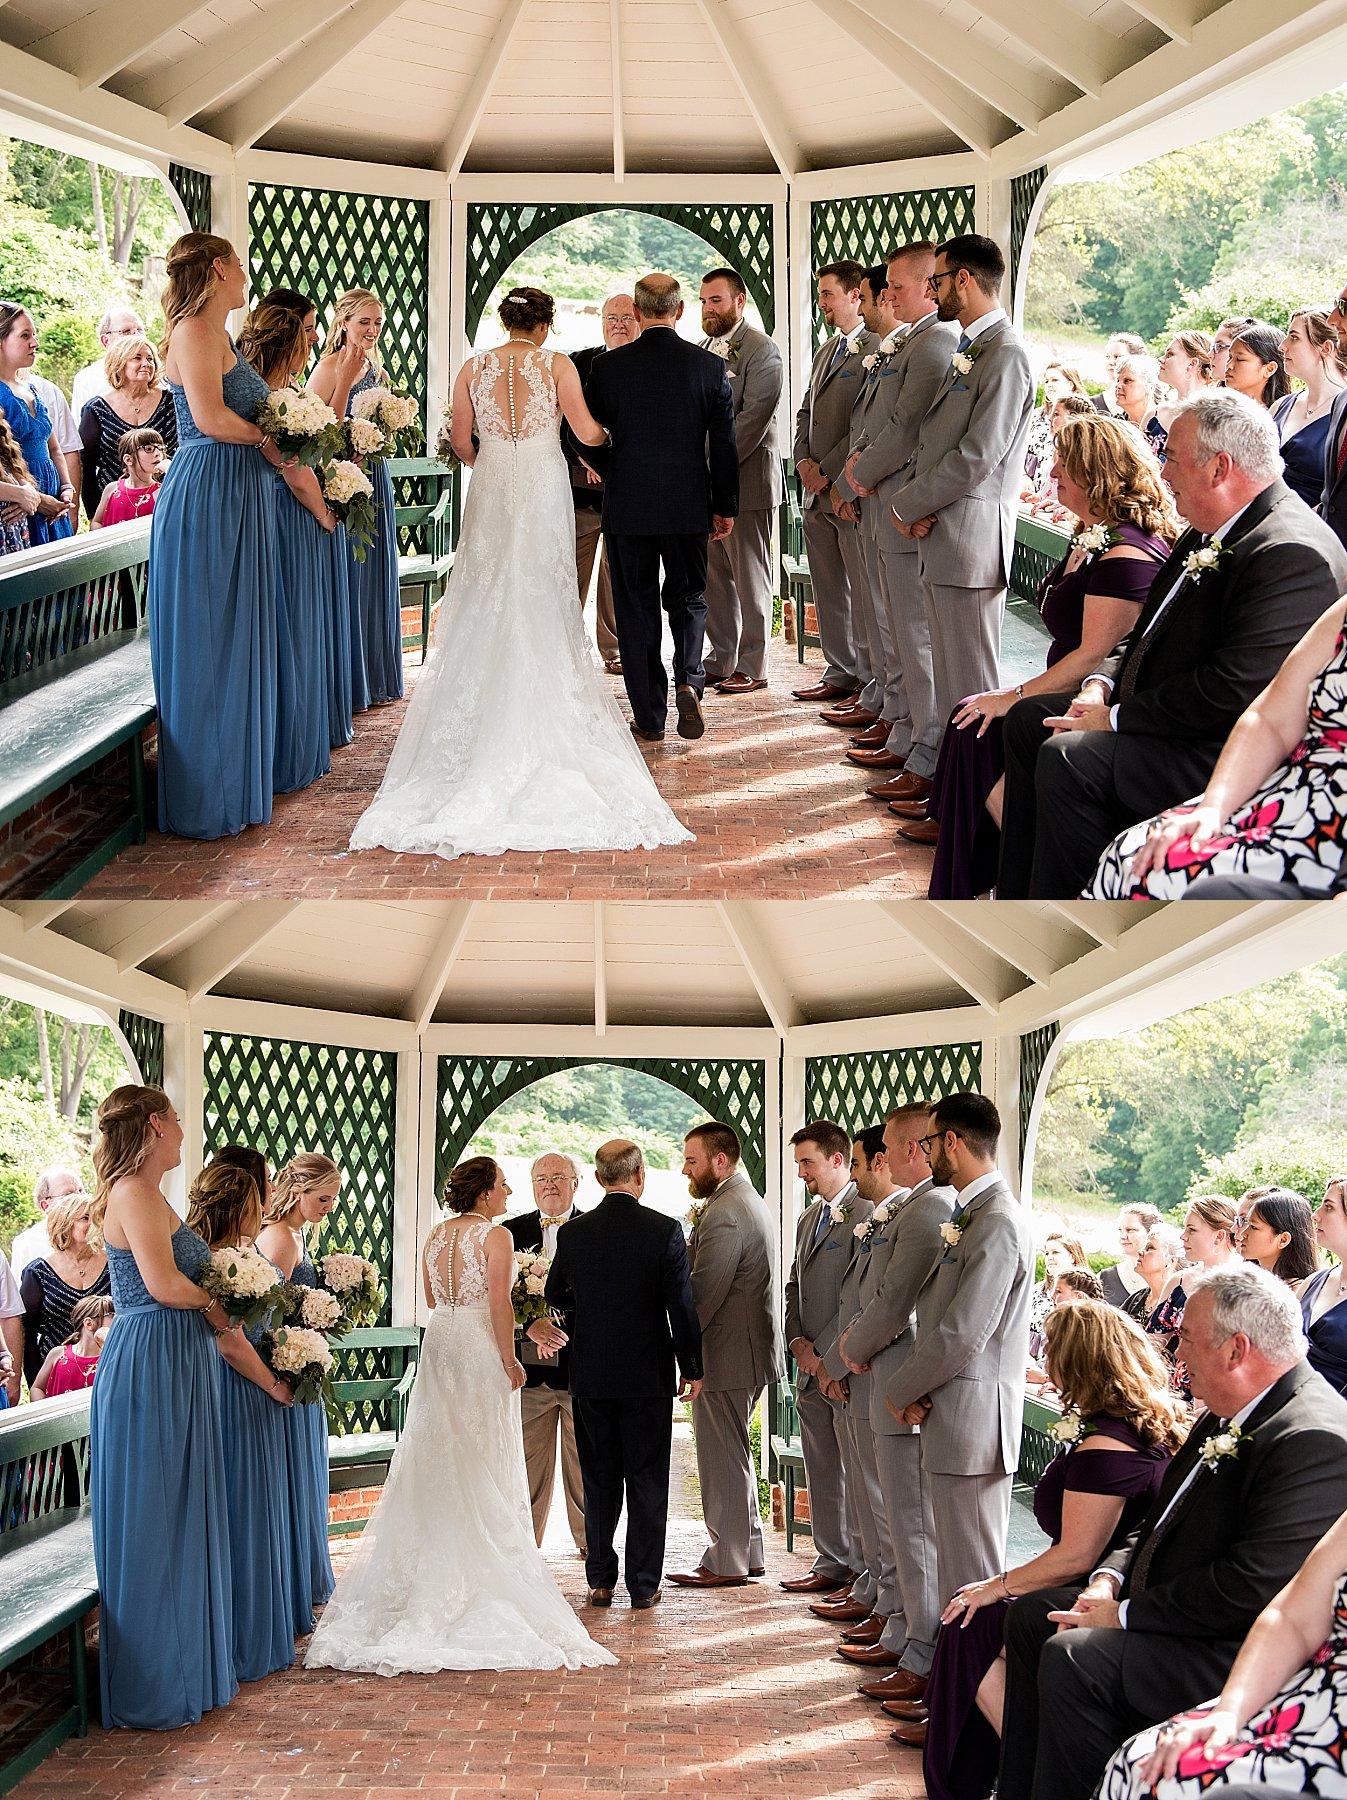 Farmington wedding venue